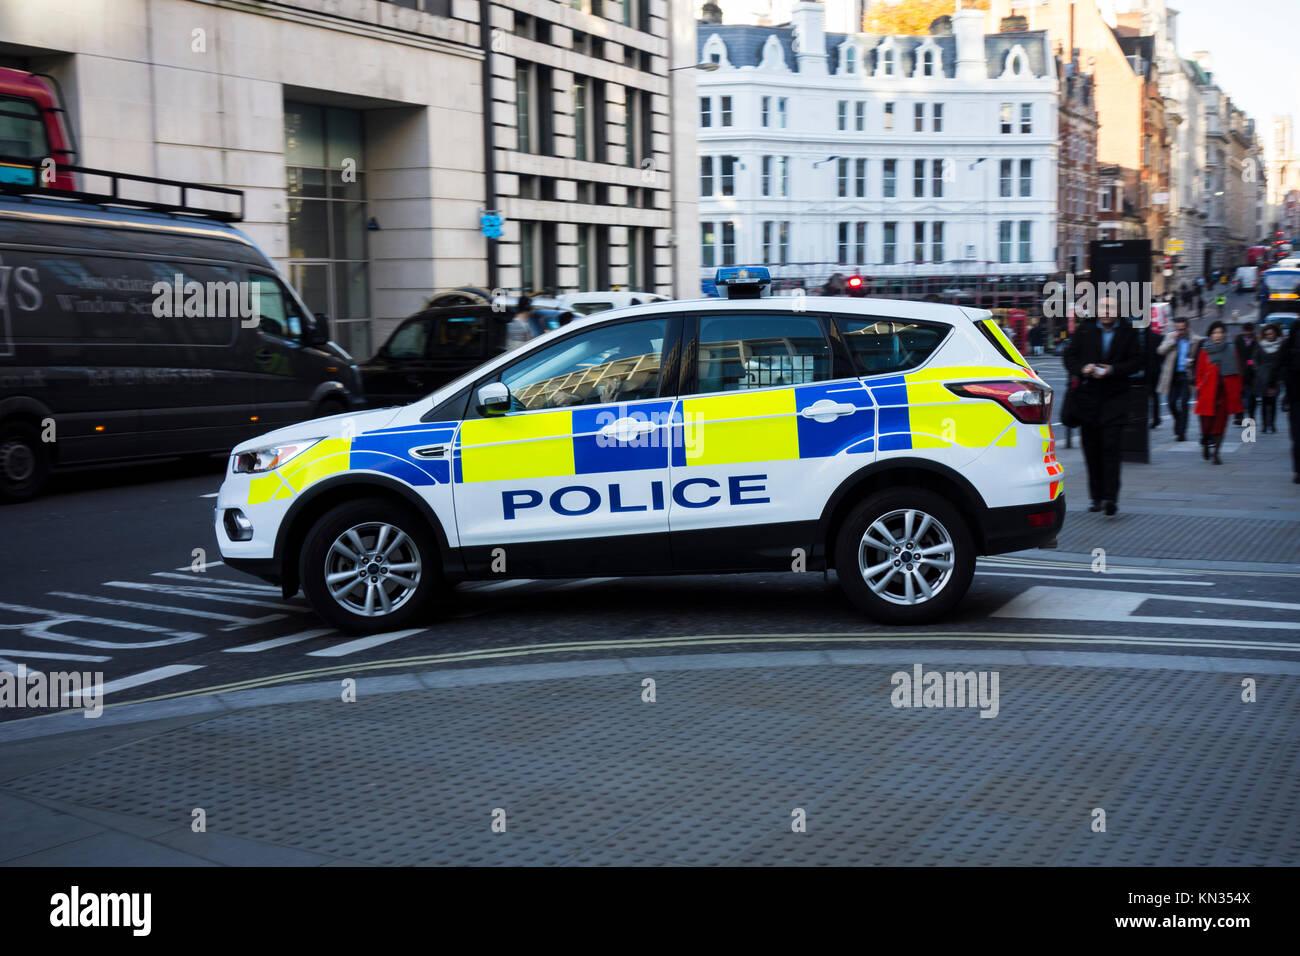 Stadt London Polizei Auto Fahrzeug an einer Kreuzung am Ludgate Hill, Großbritannien Stockbild